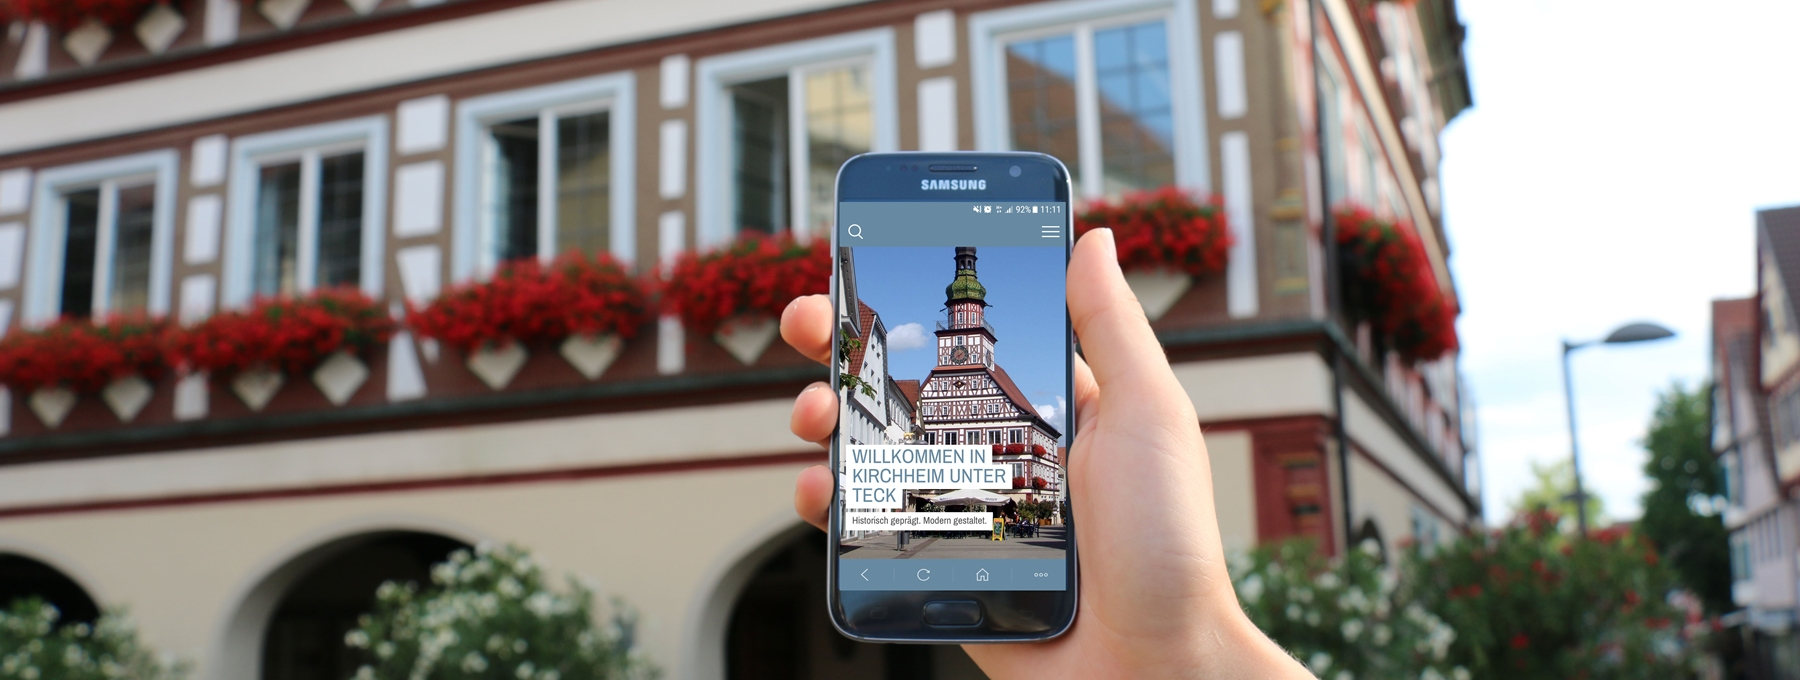 Ein Smartphone wird vor dem Rathaus in der Hand gehalten